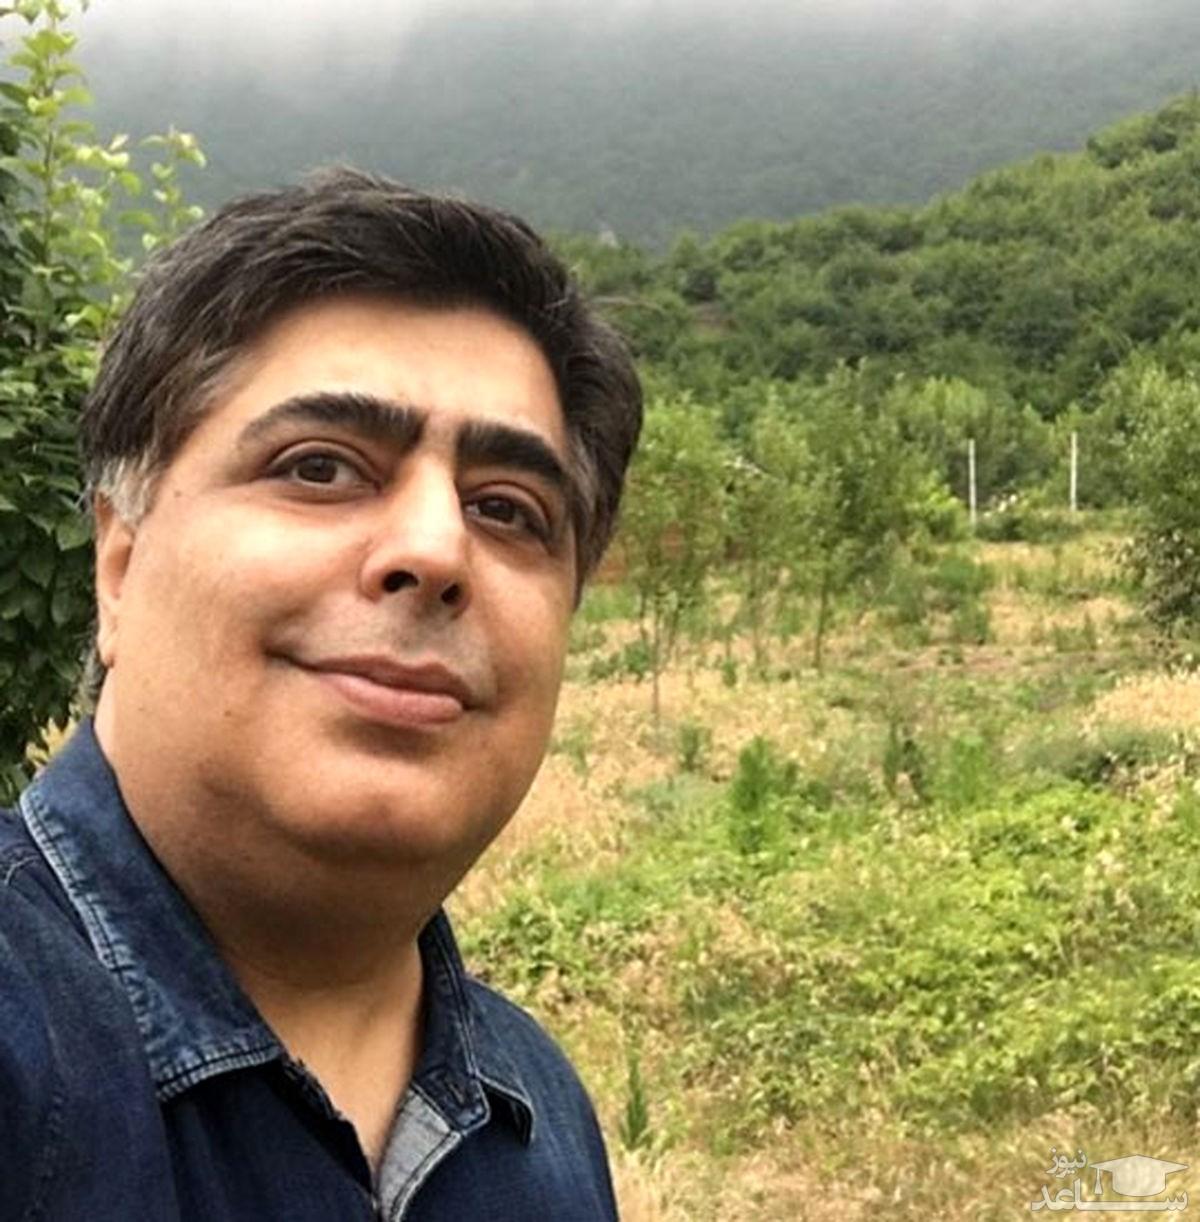 سلفی متفاوت جمعی از بازیگران طنز سینمای ایران